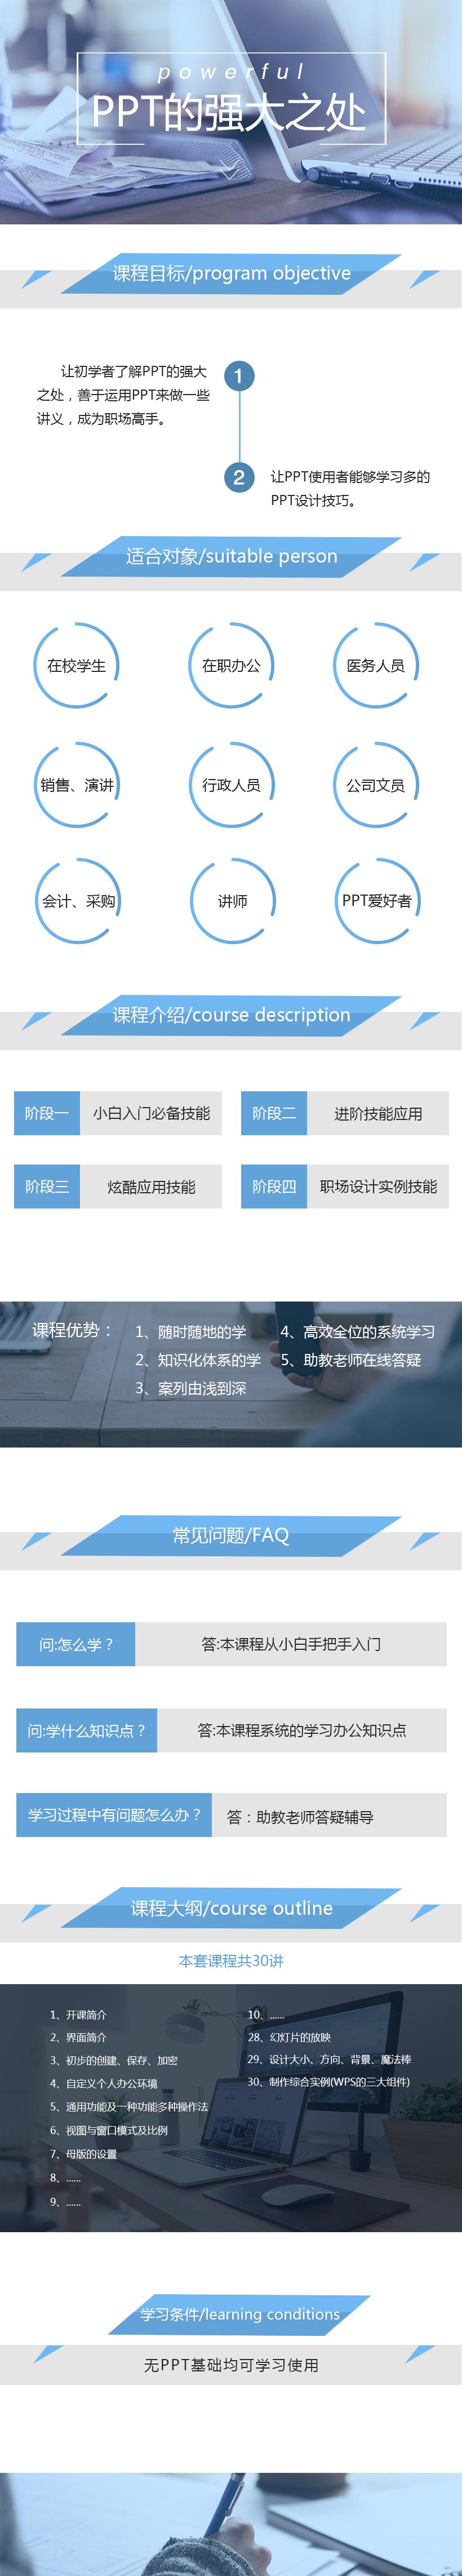 WPS Office之PPT基礎入門視頻課程(一).jpg